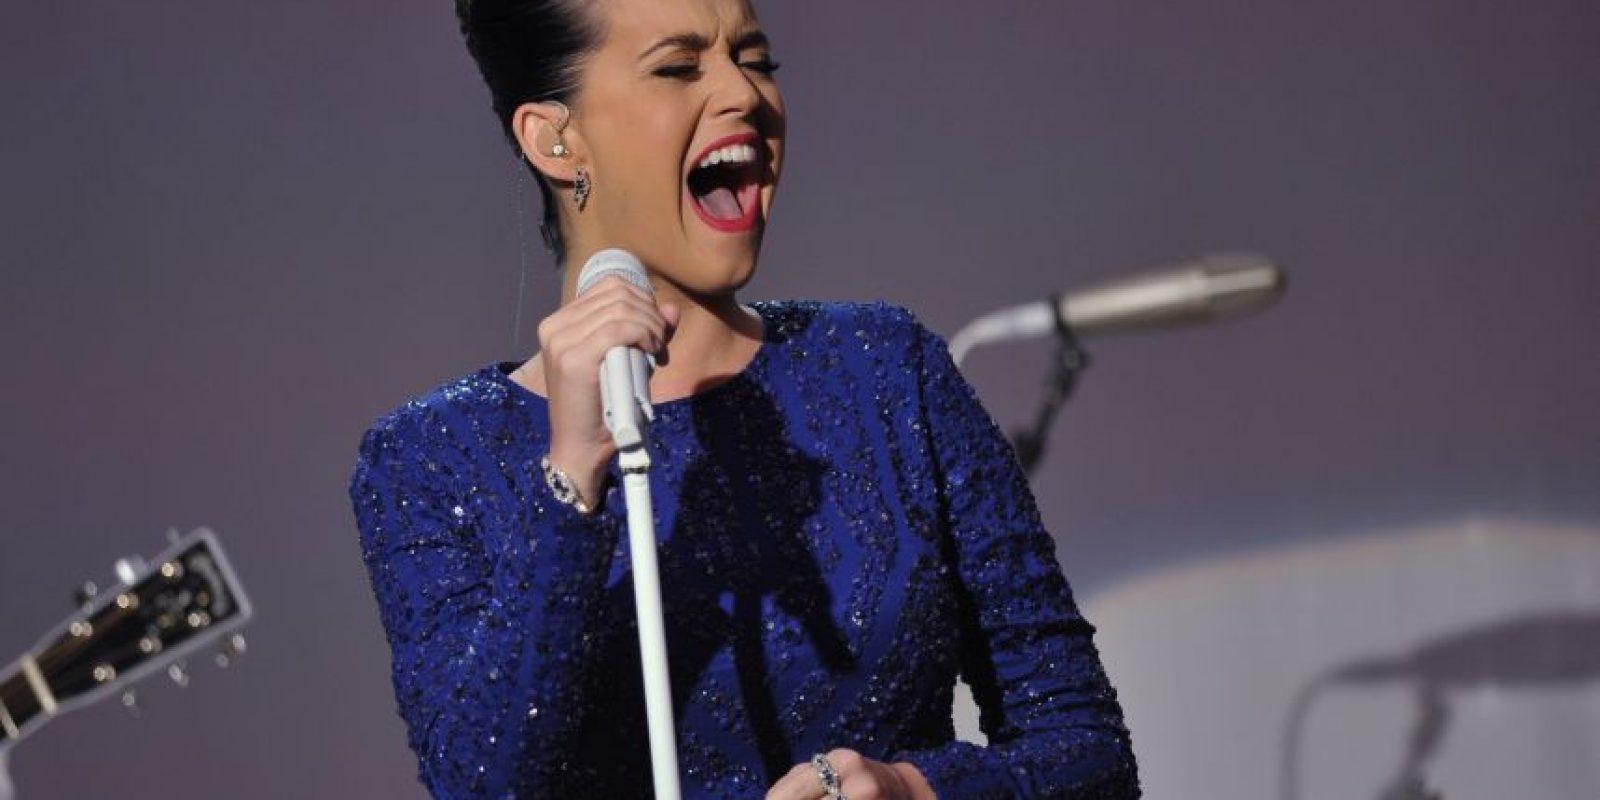 Katy Perry es la cantante con más seguidores en la red social del pajarito